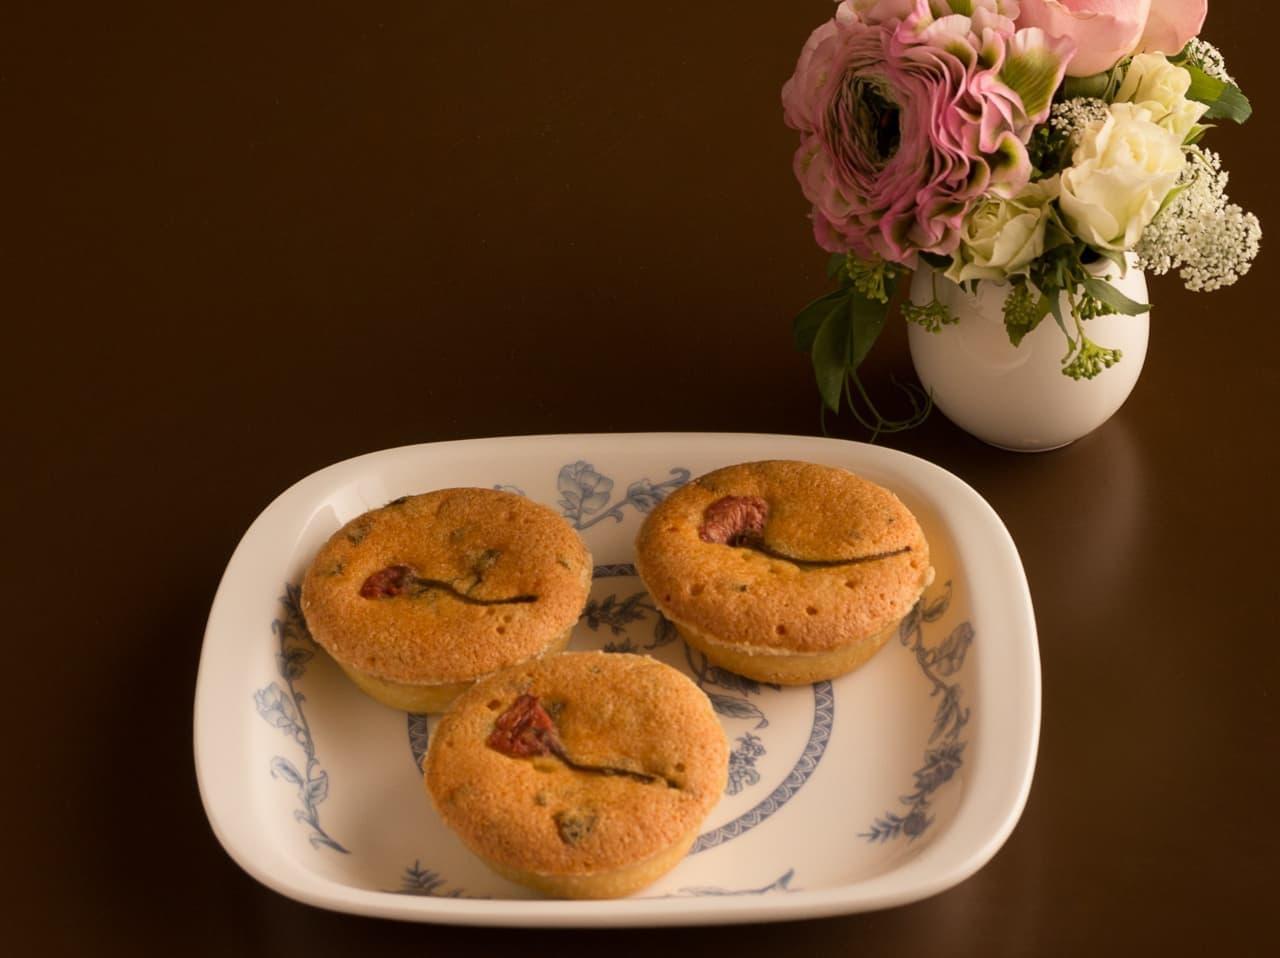 銀座ウエスト「桜のパウンドケーキ」「桜のタルト」